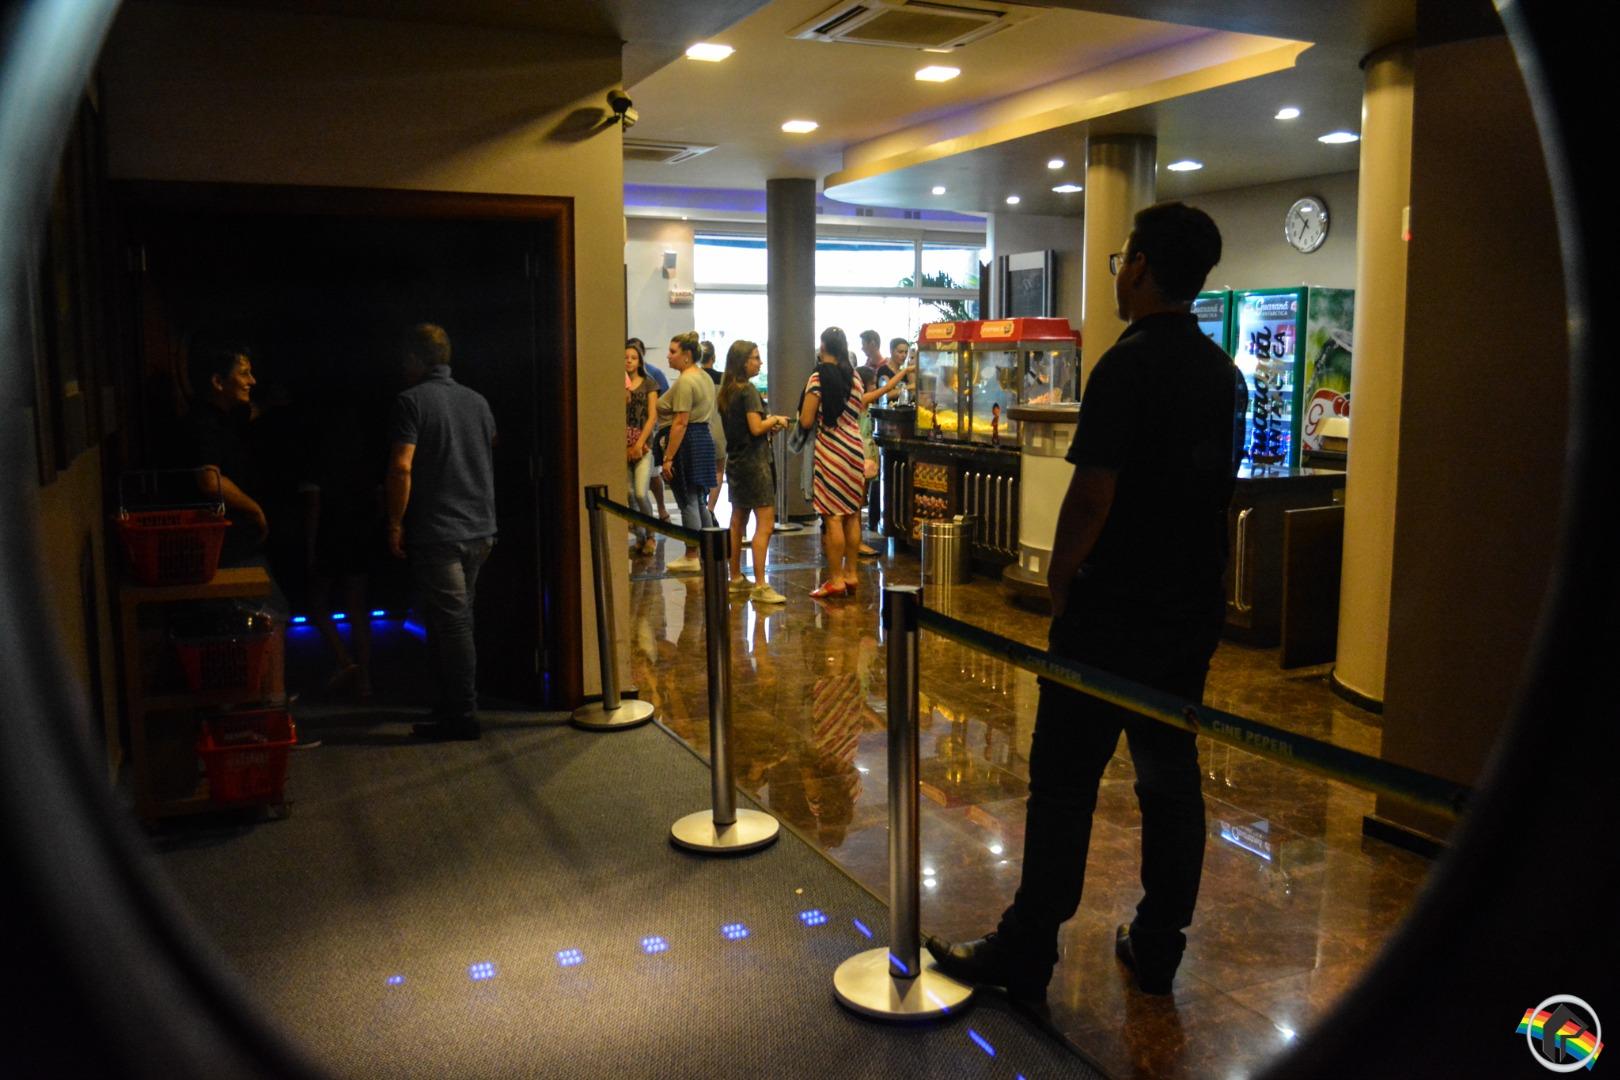 Cine Peperi volta a funcionar normalmente, agora com nova iluminação